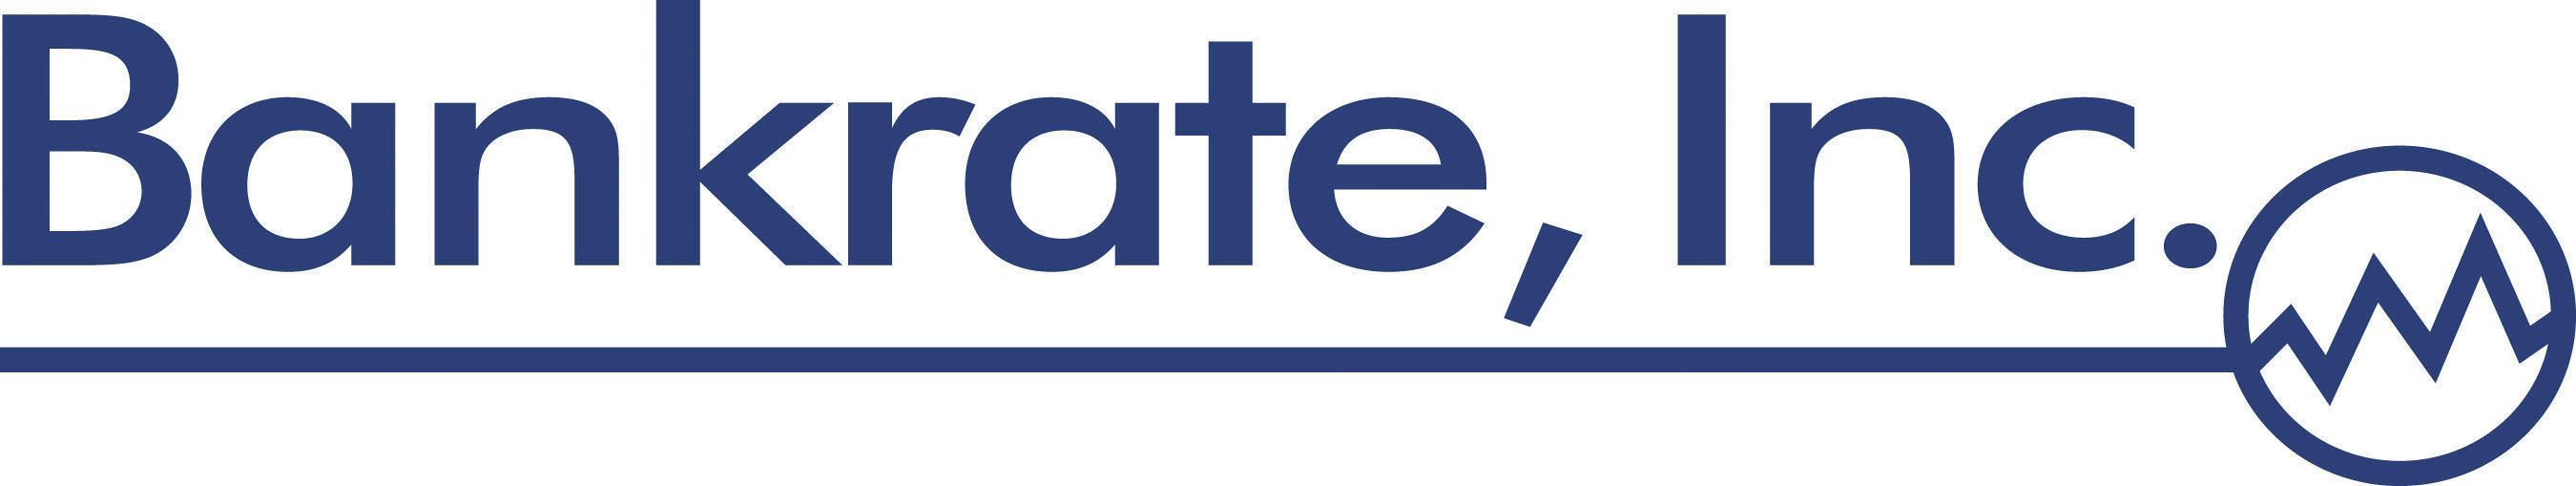 Bankrate logo